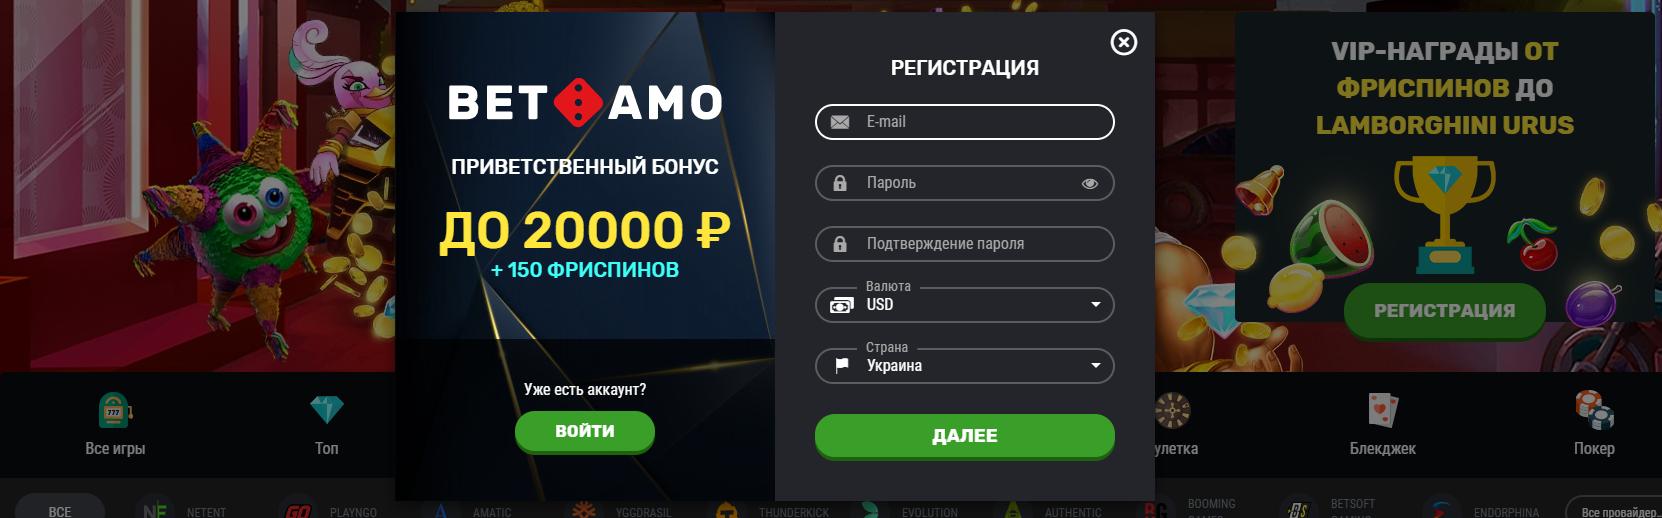 Регистрация в Бэтамо казино